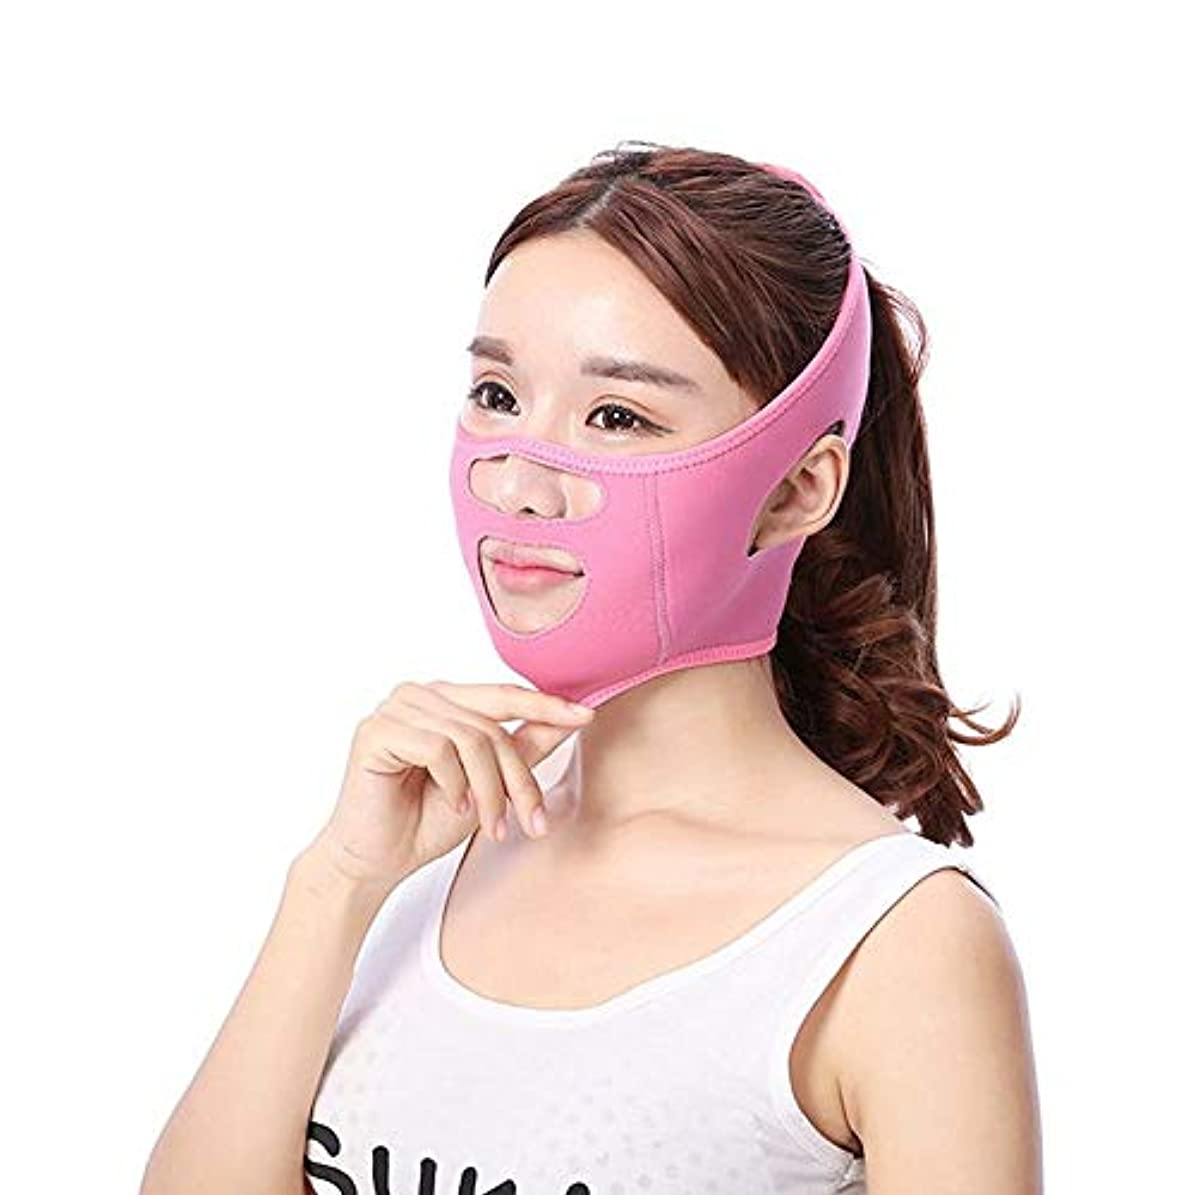 抵当受動的冗長GYZ シンフェイスアーティファクトリフティング引き締めフェイス睡眠包帯フェイシャルリフティングアンチ垂れ下がり法律パターンステッカー8ワード口角 - ピンク Thin Face Belt